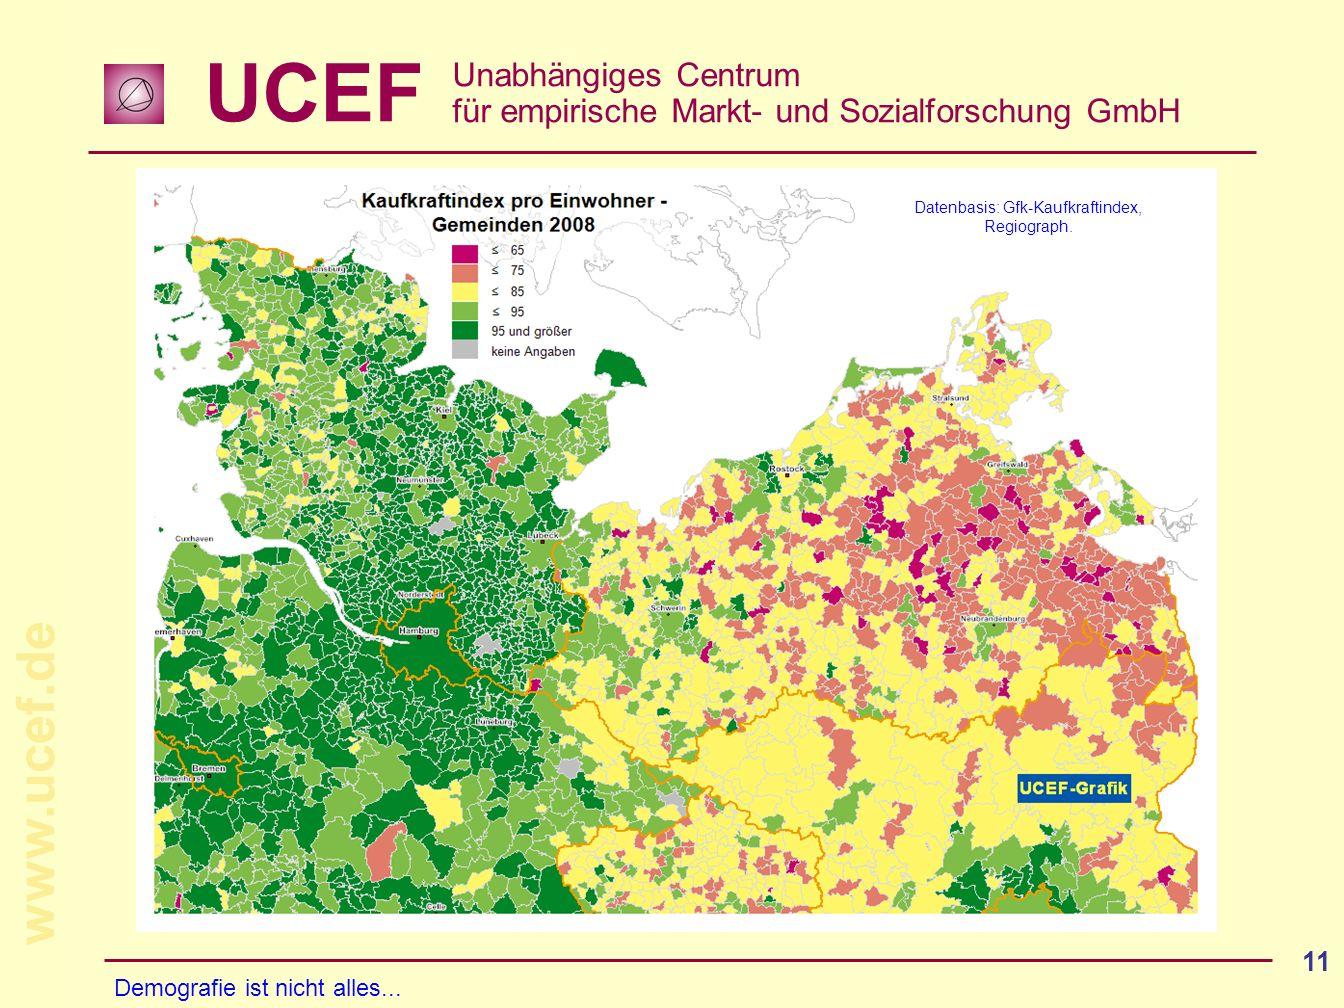 UCEF Unabhängiges Centrum für empirische Markt- und Sozialforschung GmbH www.ucef.de 11 Datenbasis: Gfk-Kaufkraftindex, Regiograph. Demografie ist nic